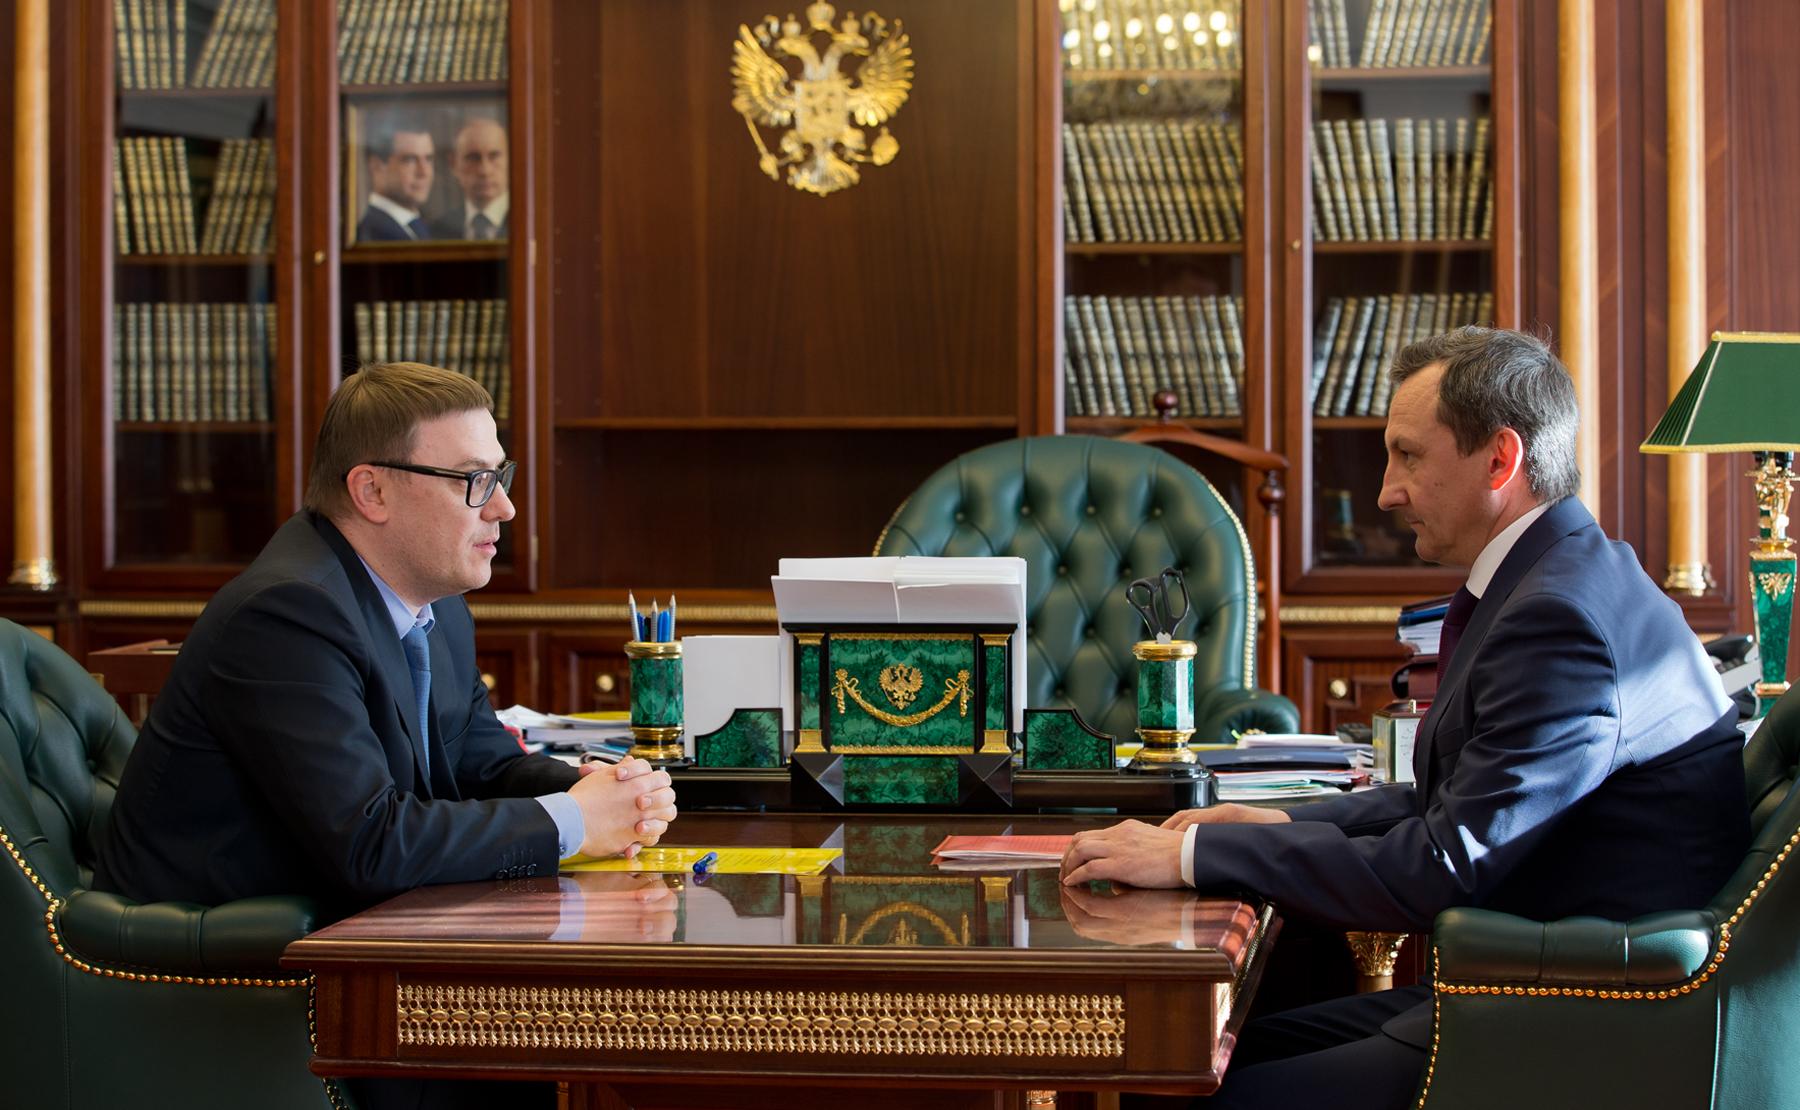 Врио губернатора Челябинской области Алексей Текслер провел рабочую встречу с председателем Челяб